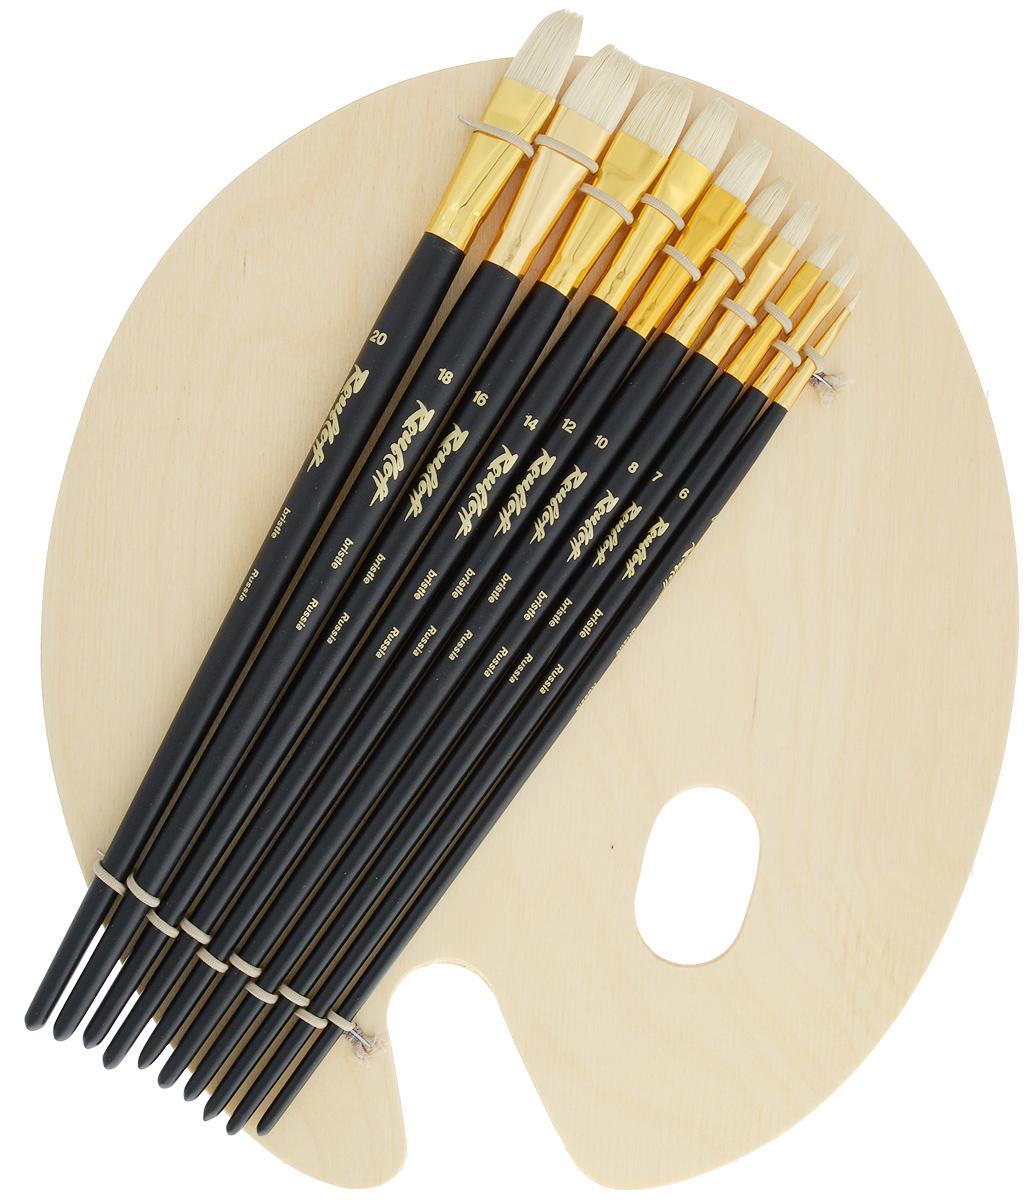 Набор кистей Rubloff №42, с палитрой, 10 шт710002Набор Rubloff №42 состоит из десяти плоских кистей №4, 6, 7, 8, 10, 12, 14, 16, 18, 20 и овальной деревянной палитры. Такой набор идеально подойдет для художественных и декоративно-оформительских работ. Кисти изготовлены из щетины. Деревянные длинные ручки оснащены алюминиевыми втулками с двойной обжимкой.Длина кистей: №4 - 29,7 см; №6 - 30,8 см; №7 - 31,2 см; №8 - 31,3 см; №10 - 31,5 см; №12 - 31,8 см; №14 - 32,5 см; №16 - 32,2 см; №18 - 32,2 см; №20 - 33 см.Длина пучка: №4 - 7 мм; №6 - 1 см; №7 - 1,2 см; №8 - 1,4 см; №10 - 1,5 см; №12 - 1,7 см; №14 - 1,9 см; №16 - 2 см; №18 - 2,2 см; №20 - 2,6 см.Размер палитры: 33 х 28,5 х 0,2 см.